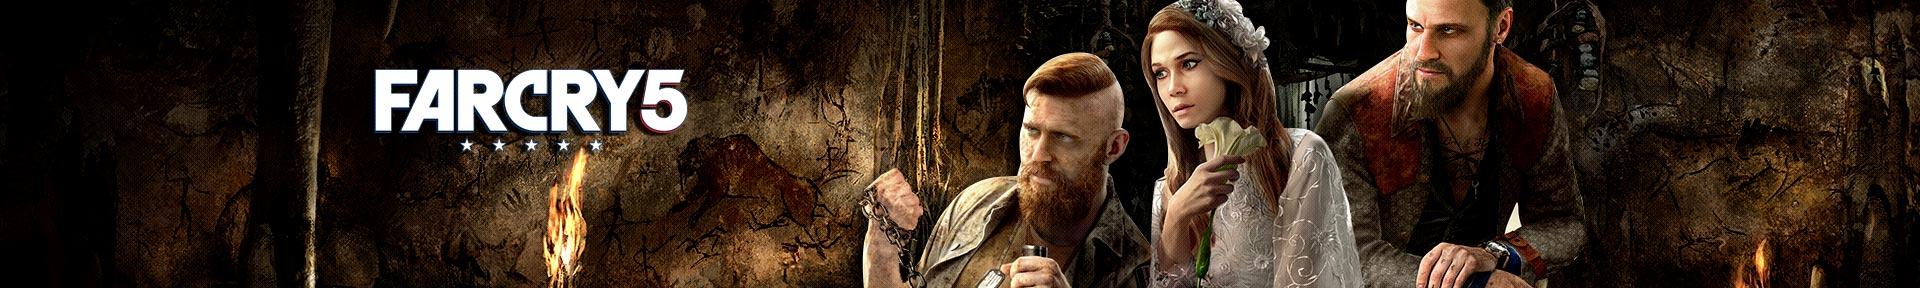 Far Cry 5 Credits